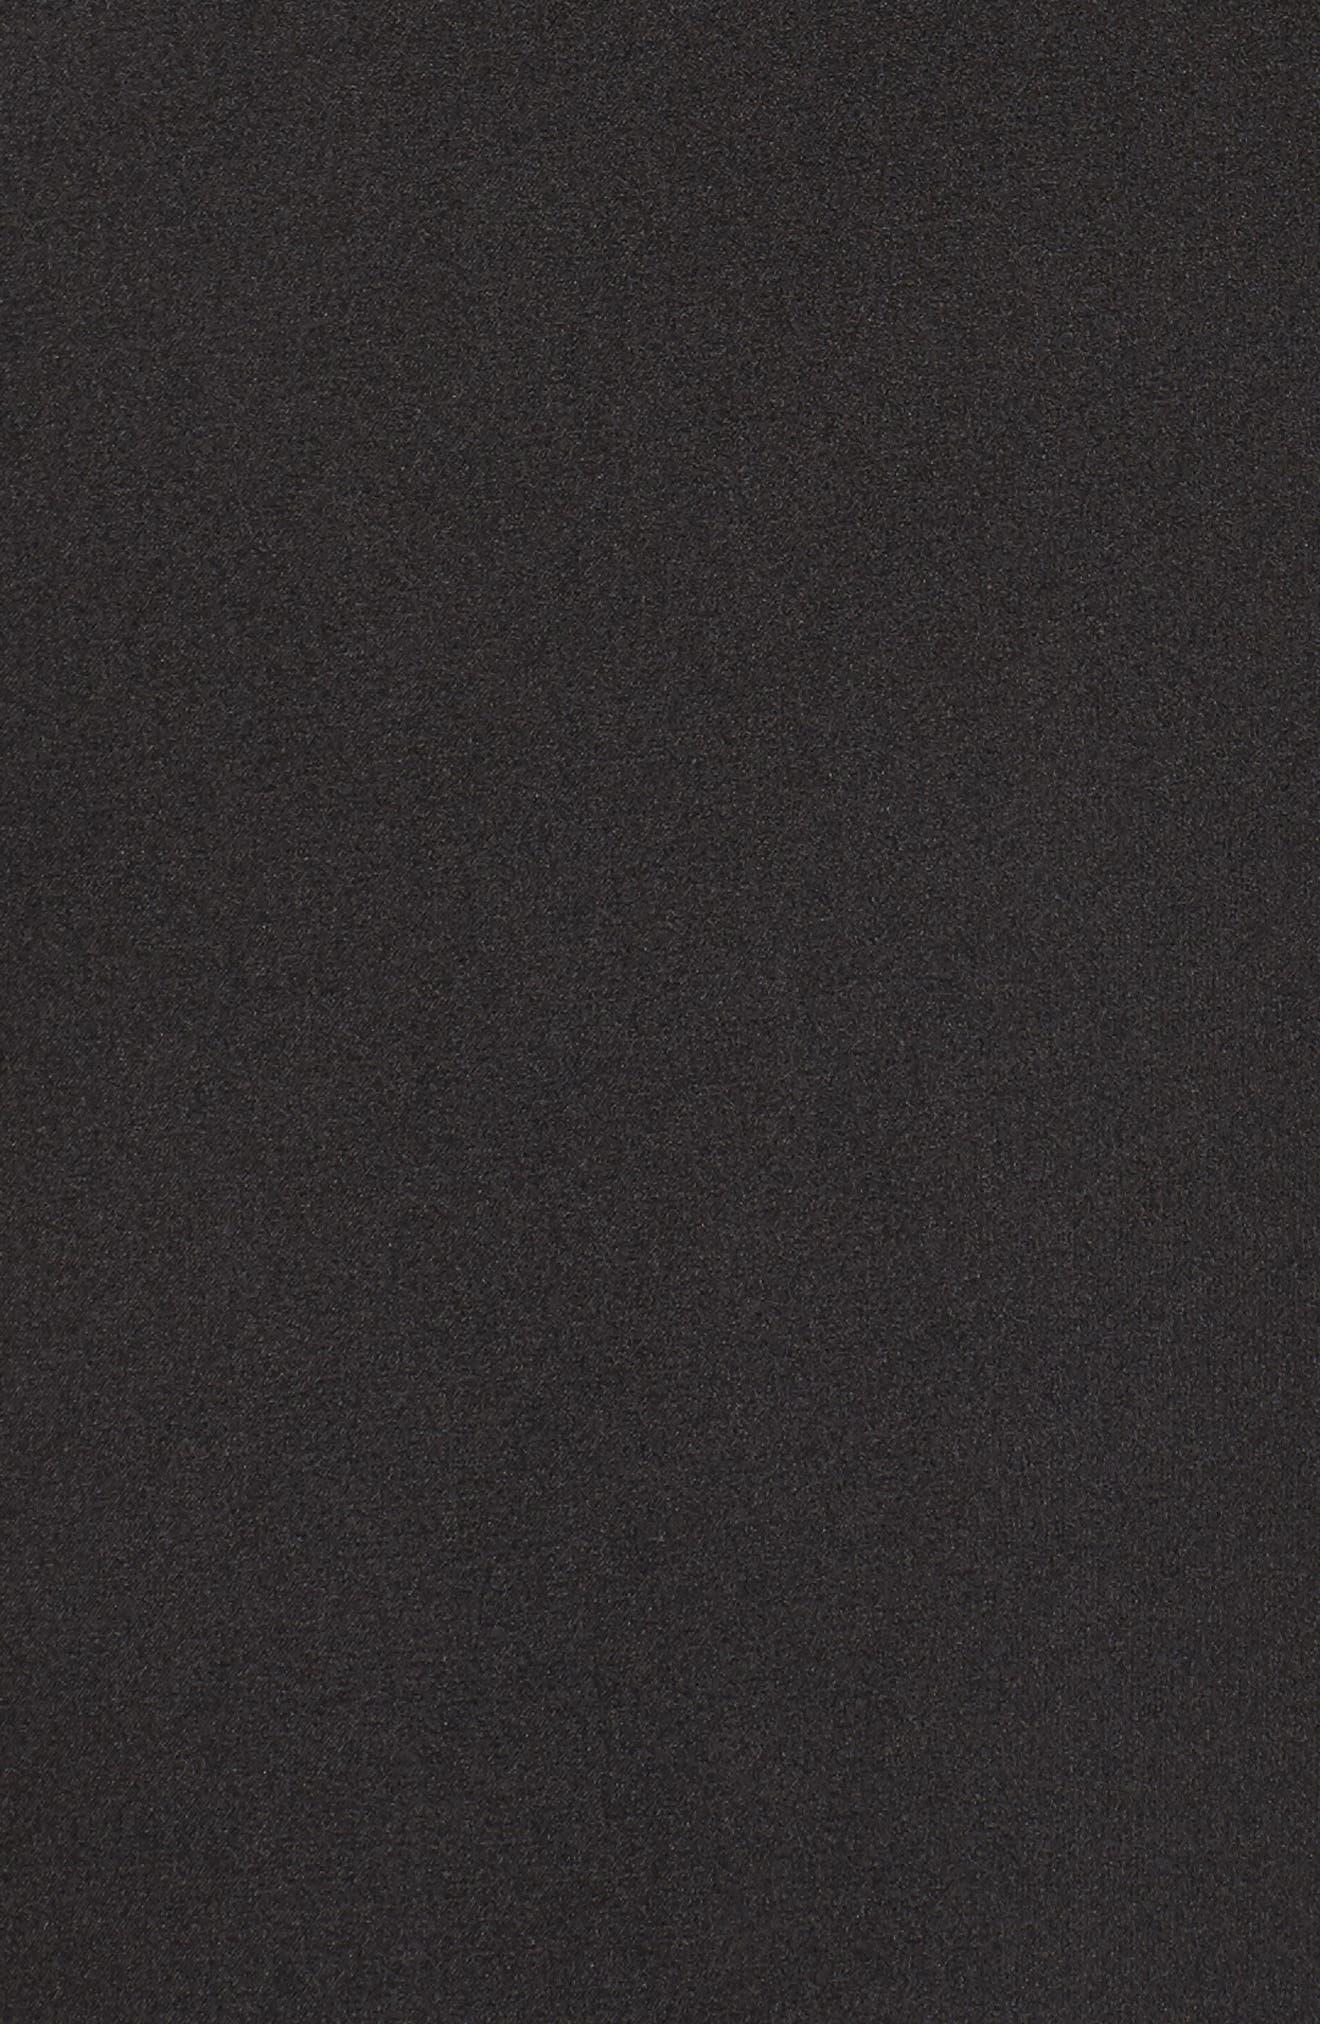 Femme Fatale Slip Dress,                             Alternate thumbnail 6, color,                             Black